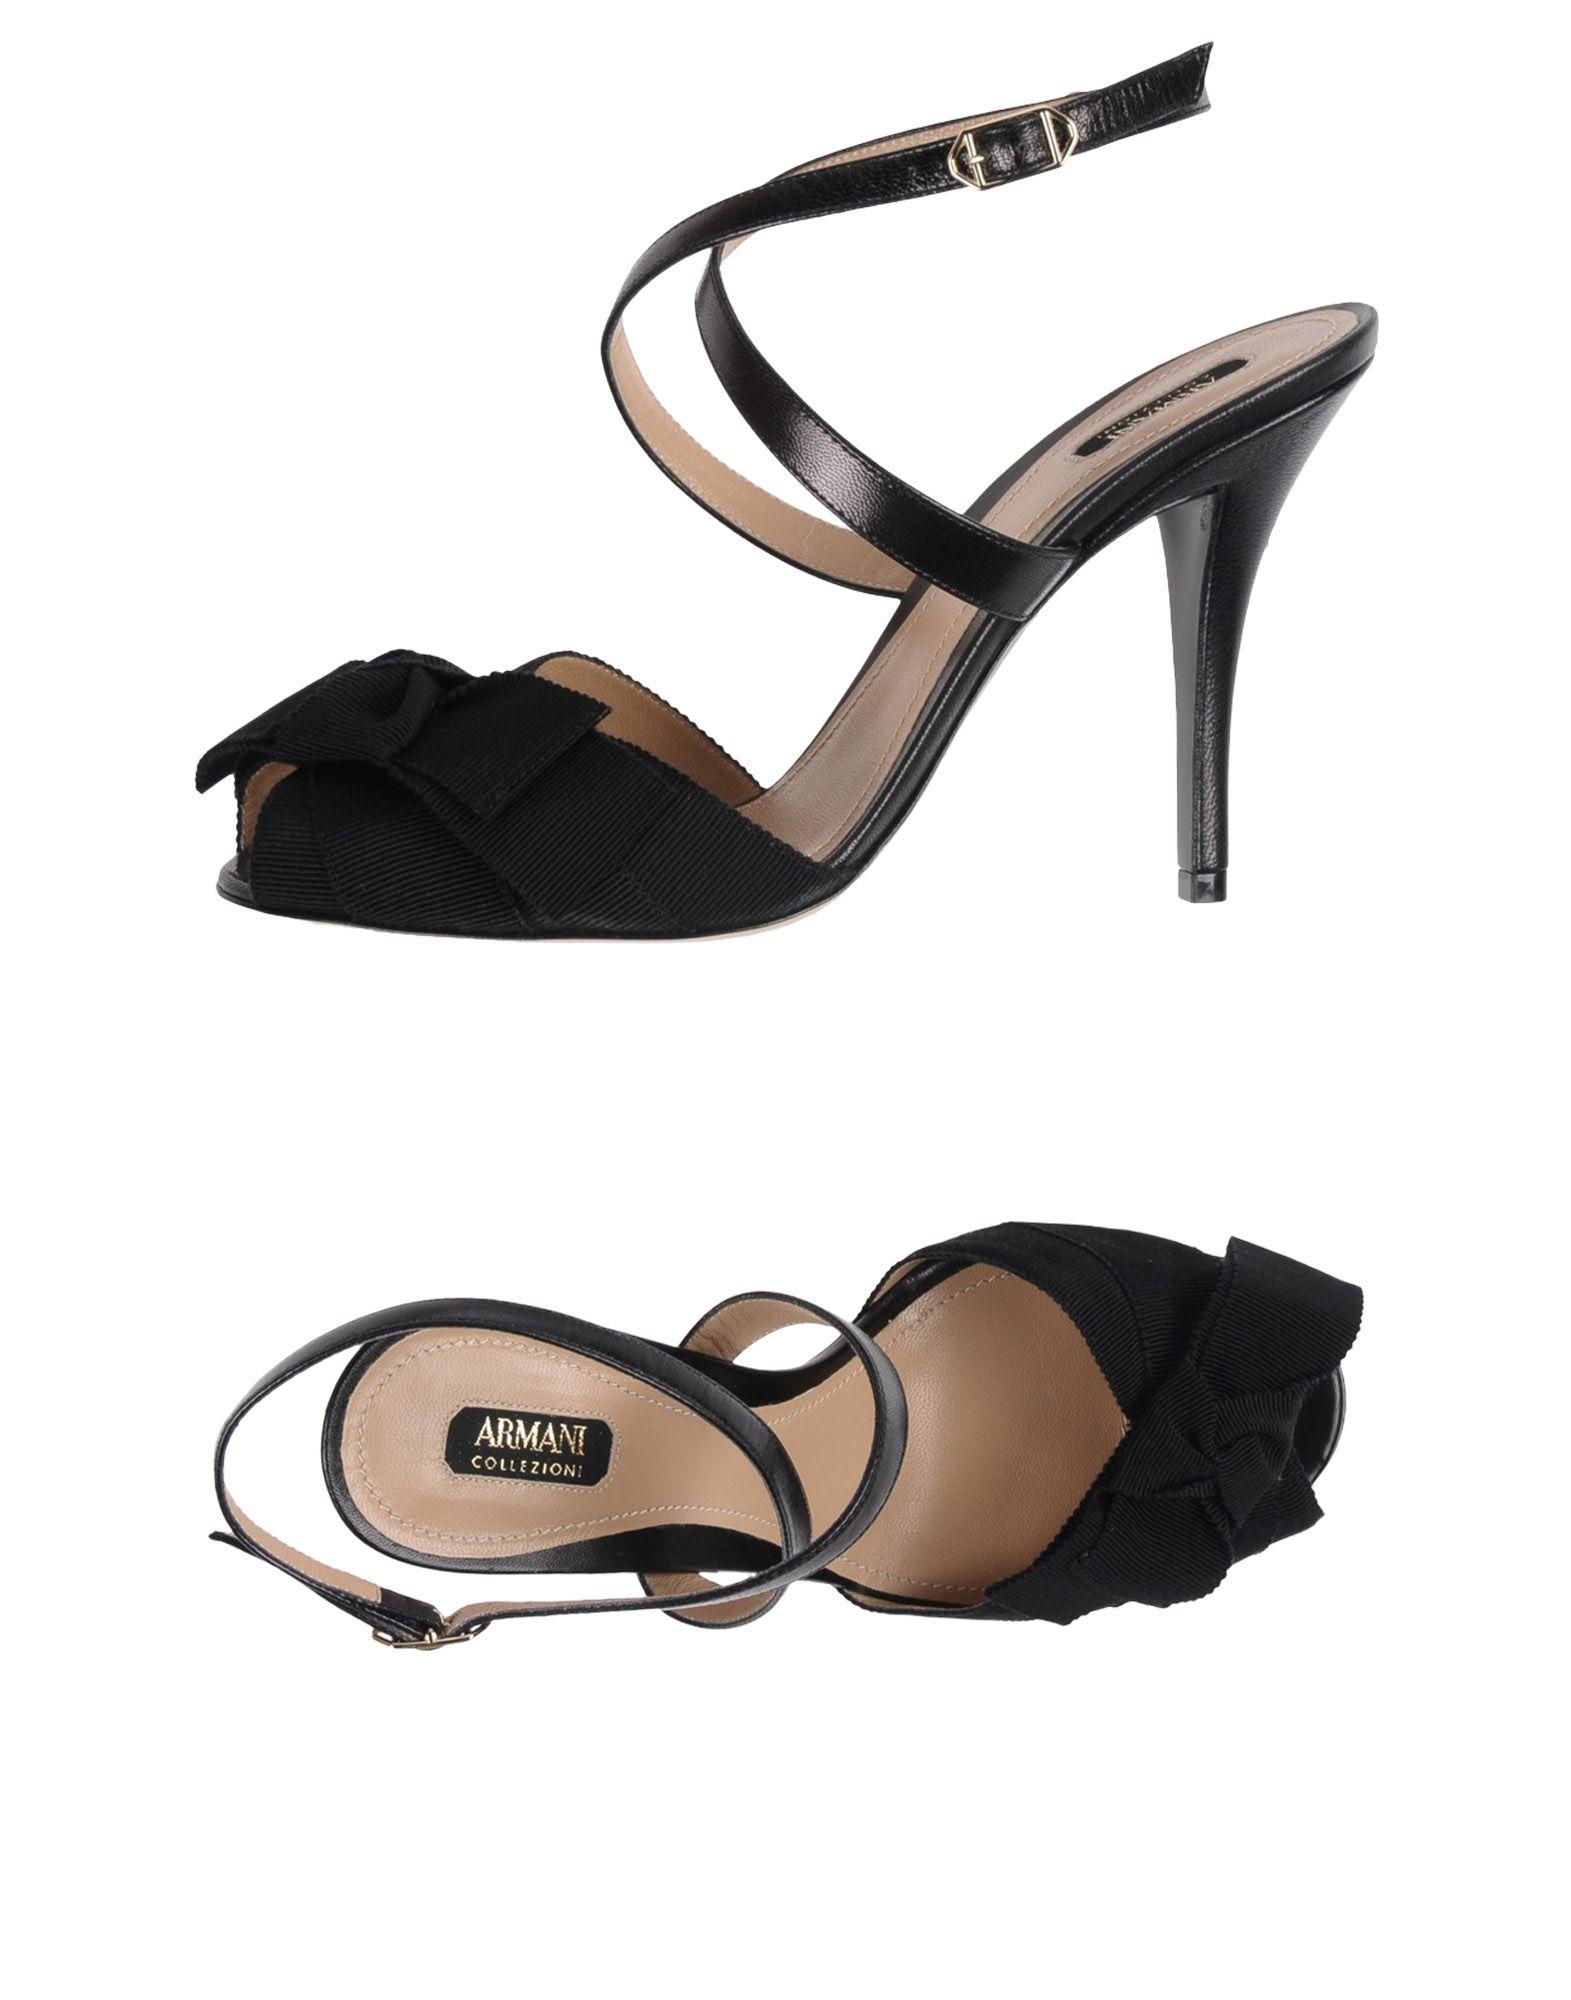 Sandales Armani Collezioni Femme - Sandales Armani Collezioni sur